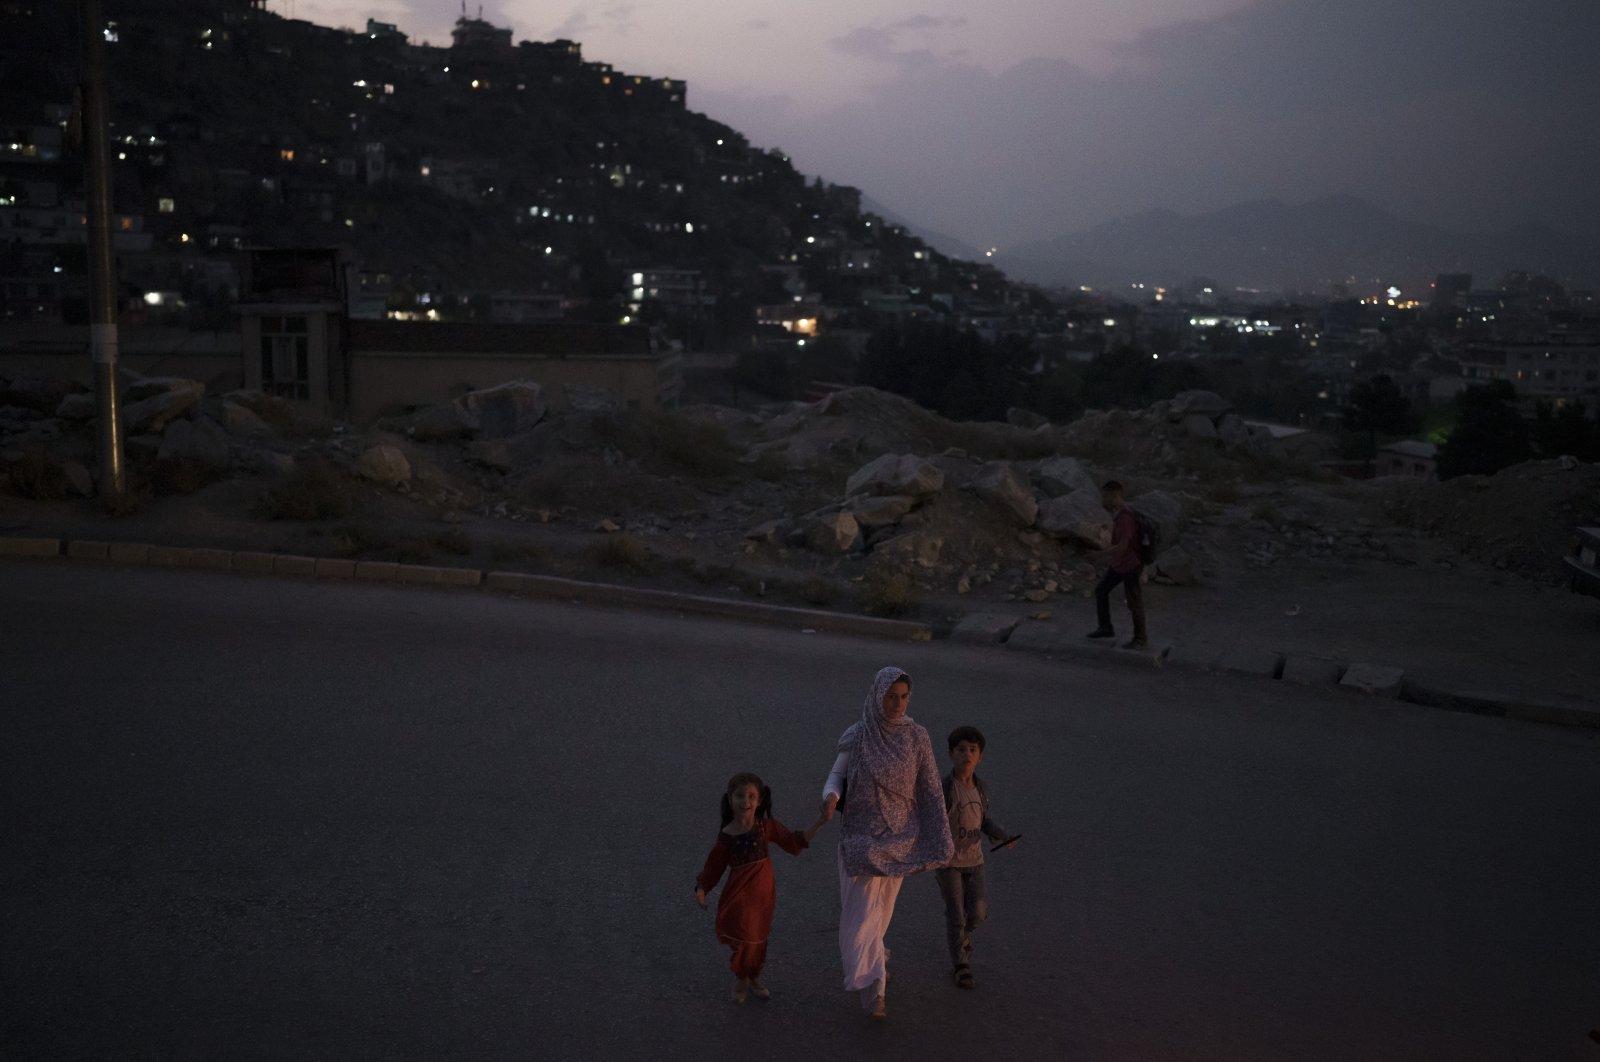 An Afghan family crosses a street at dusk in Kabul, Afghanistan, Sunday, Sept. 19, 2021. (AP Photo/Felipe Dana)